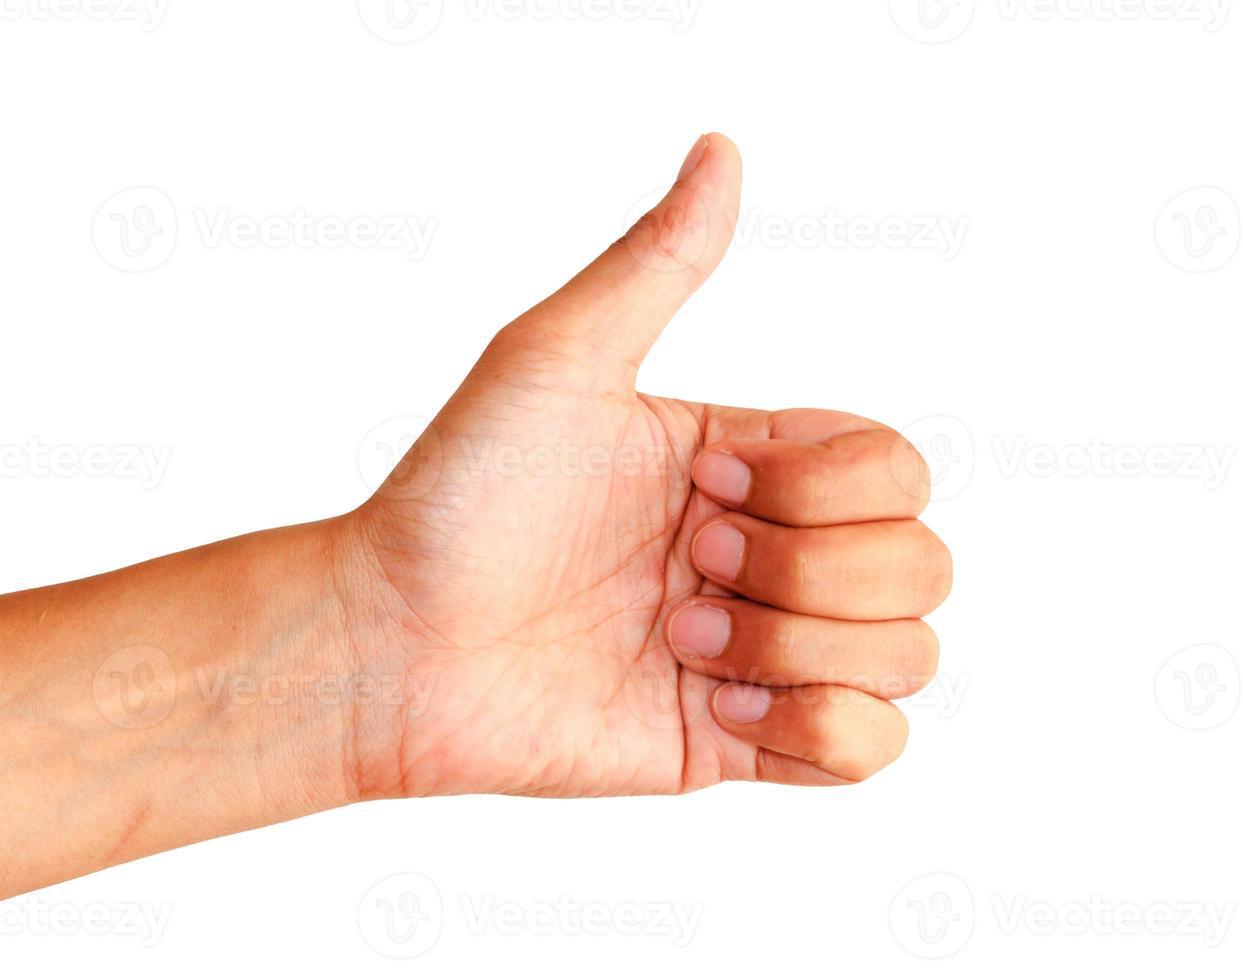 gebaar van de hand op witte achtergrond foto